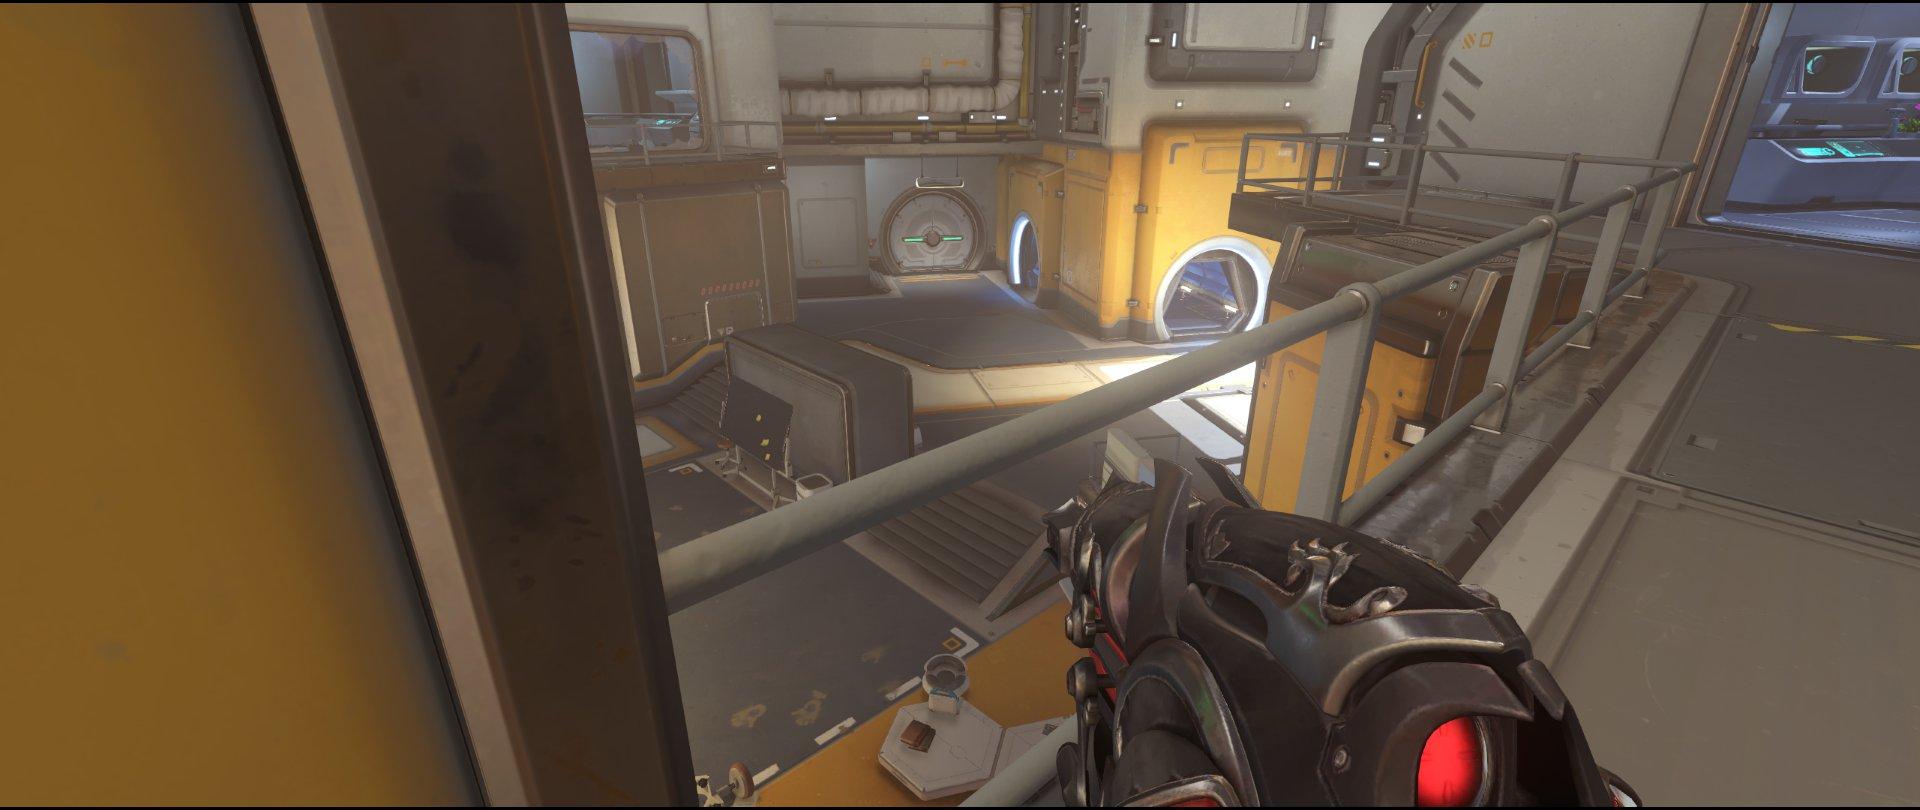 Catwalk+one+defense+sniping+spot+Widowmaker+Horizon+Lunar+Colony+Overwatch